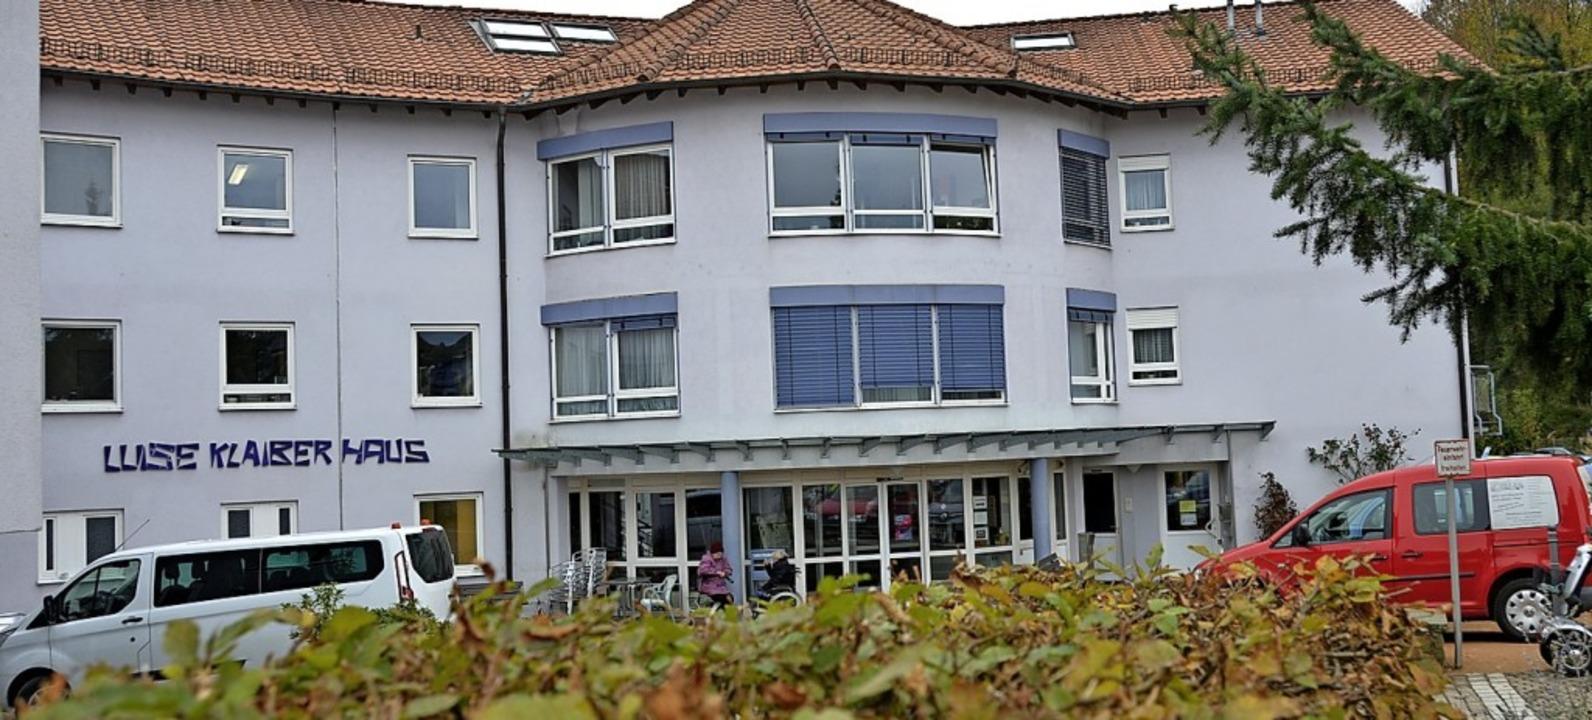 Das Kanderner Pflegeheim Luise-Klaiber-Haus  | Foto: Moritz Lehmann